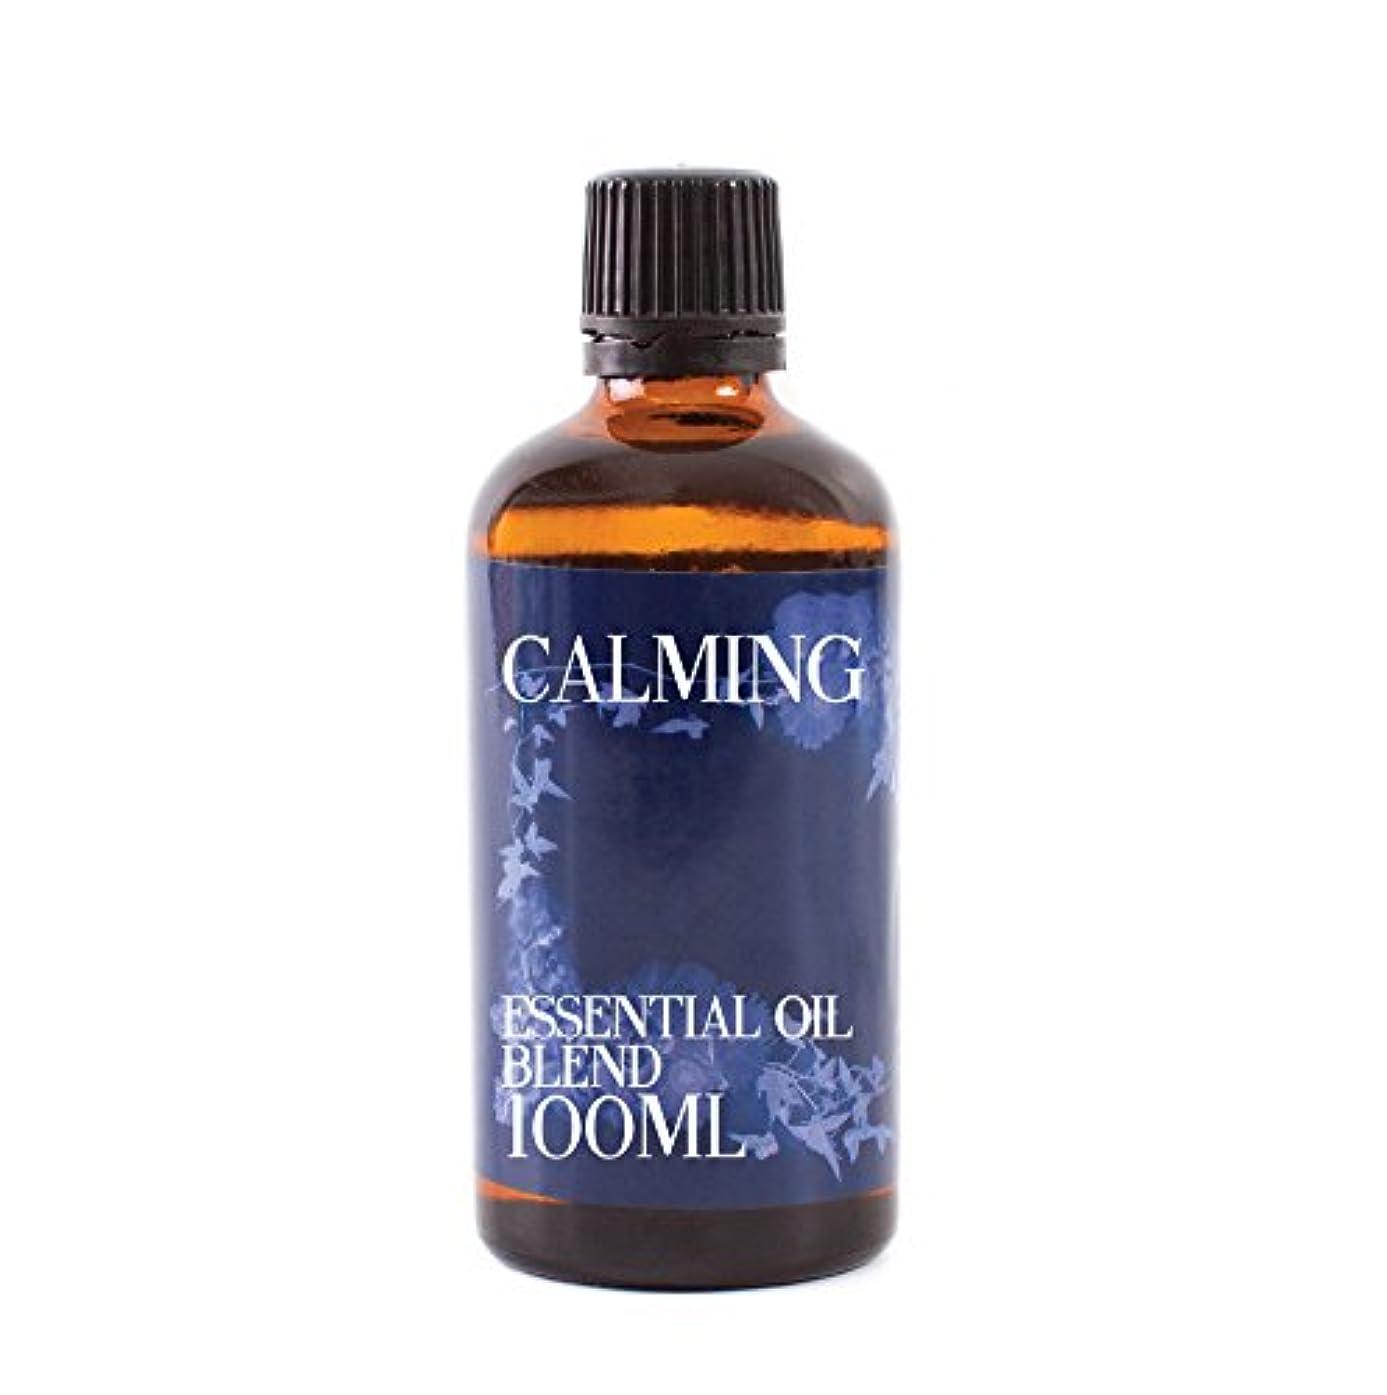 思いやりのあるラベンダー移行Mystix London | Calming Essential Oil Blend - 100ml - 100% Pure